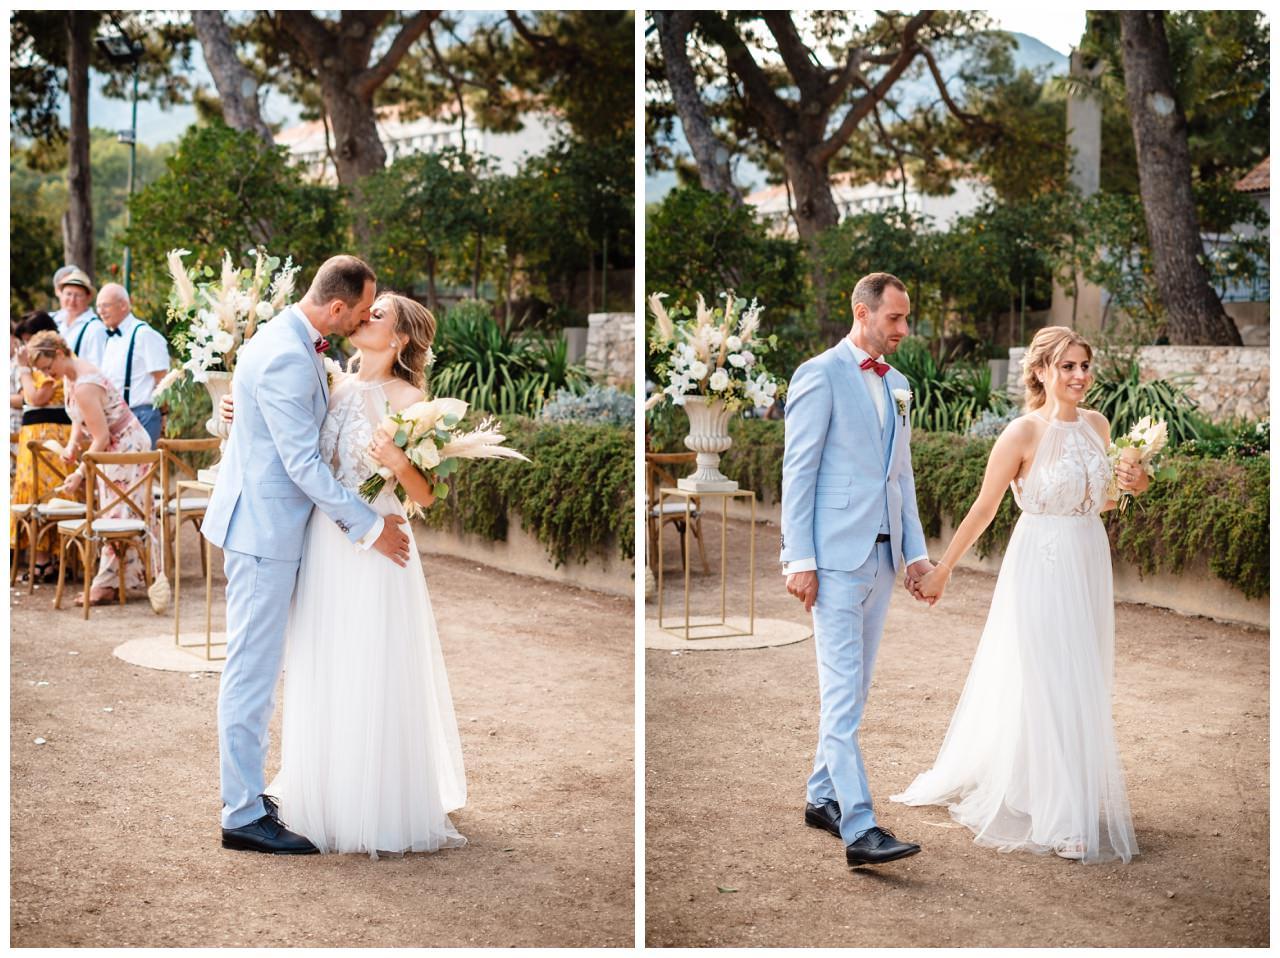 hochzeit kroatien ausland gardasee fotograf strand 66 - Hochzeit am Strand in Kroatien